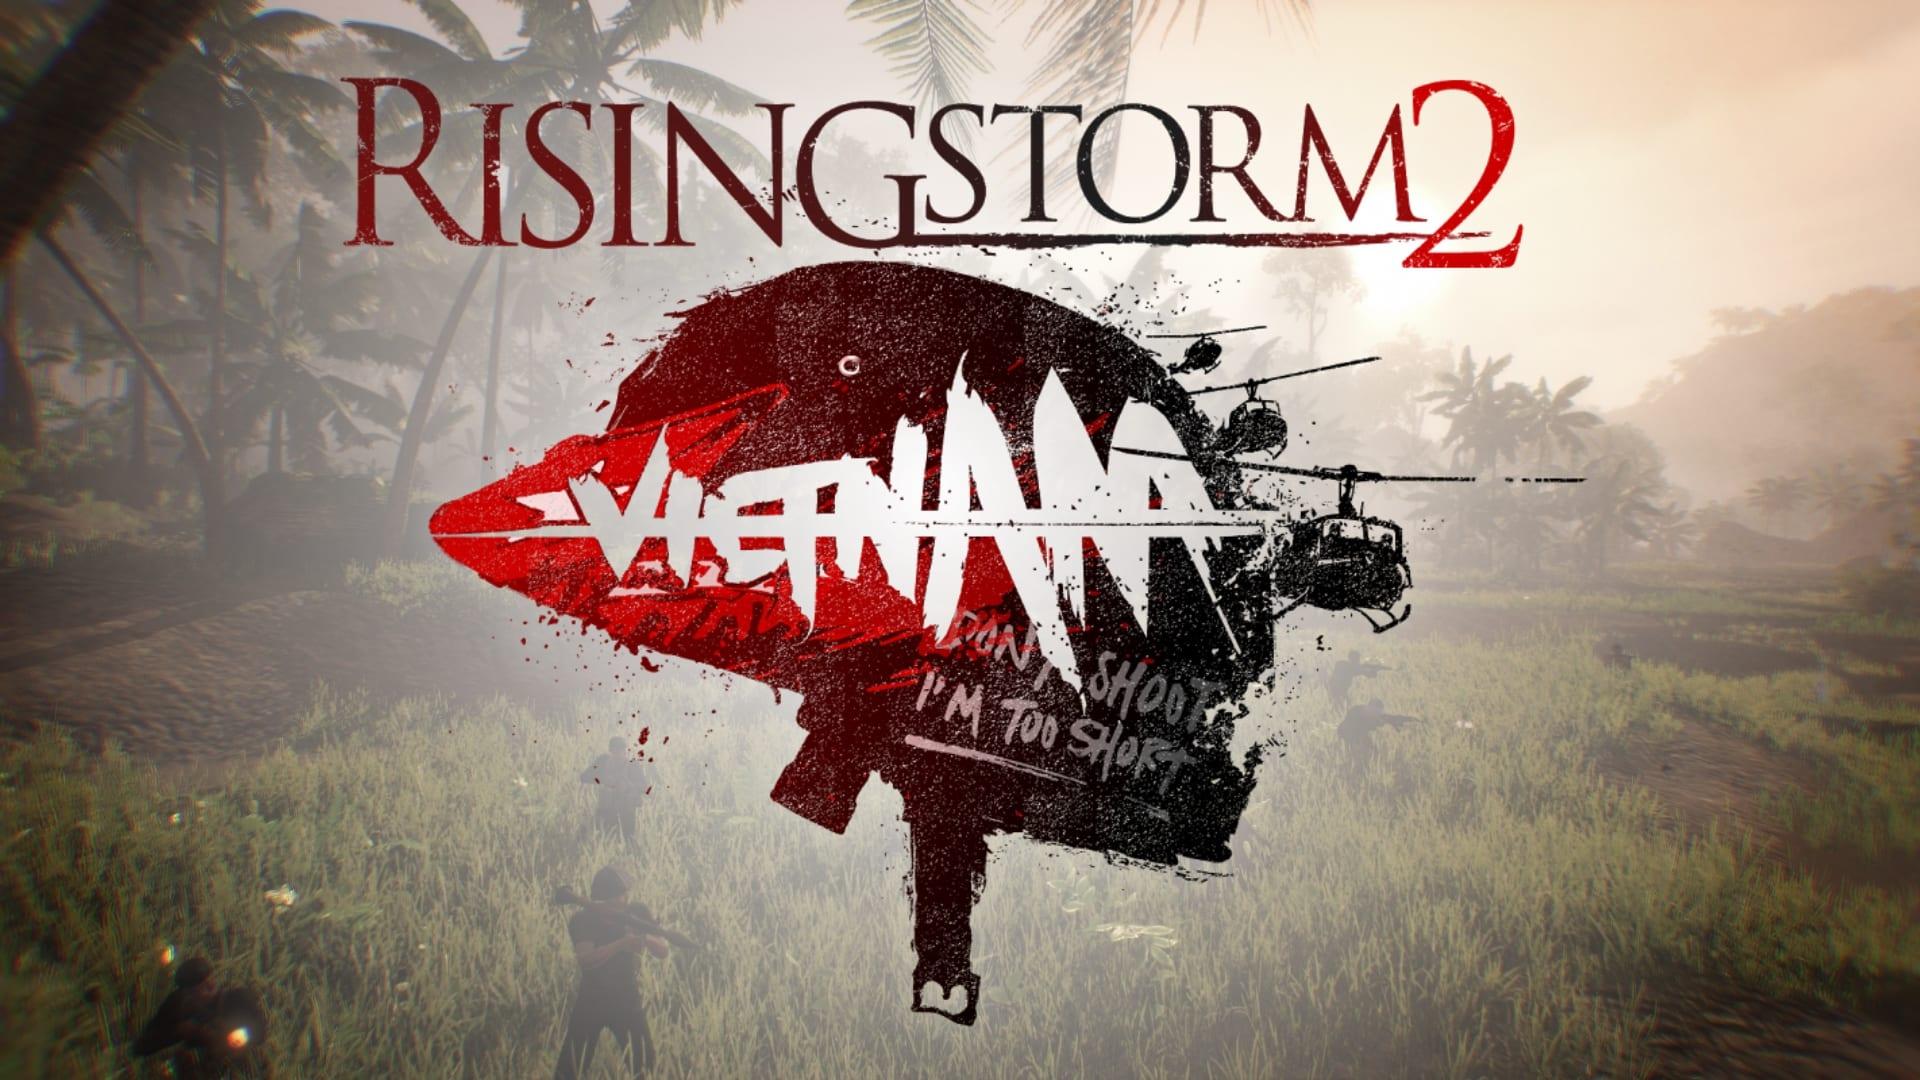 Rising Storm 2: Vietnam telecharger gratuit de PC et Torrent